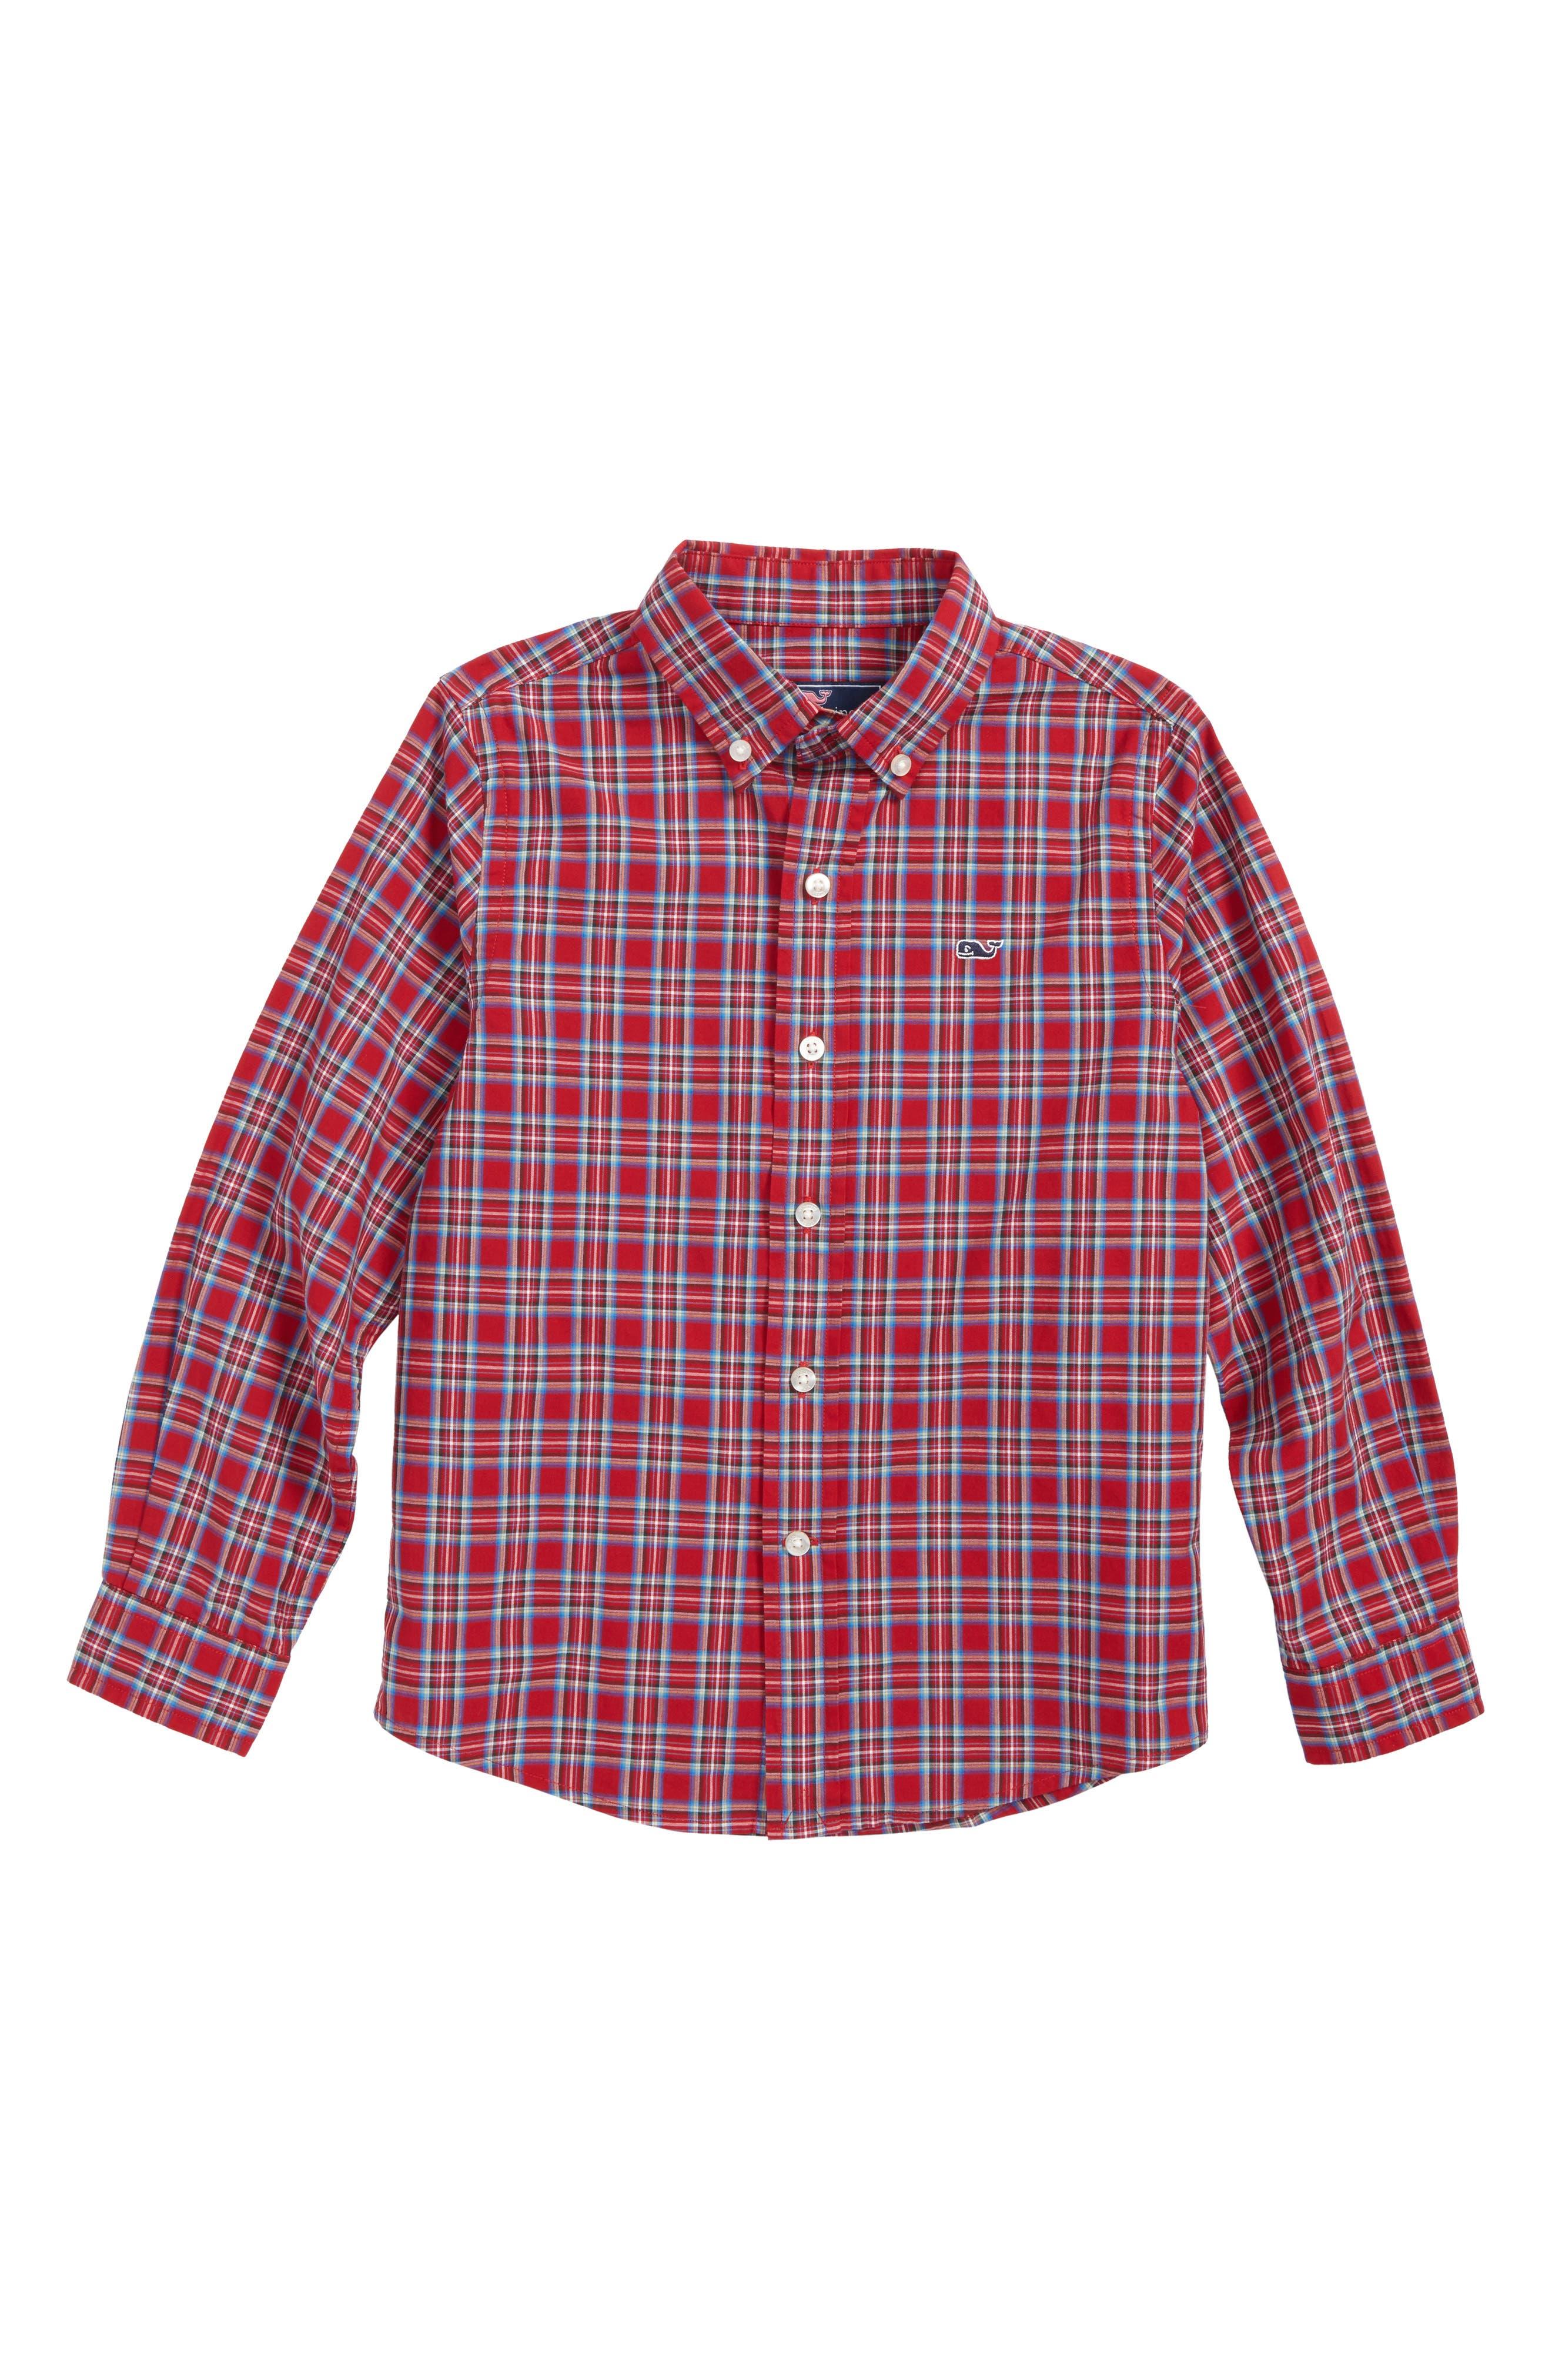 Riverton Plaid Whale Shirt,                         Main,                         color, 600